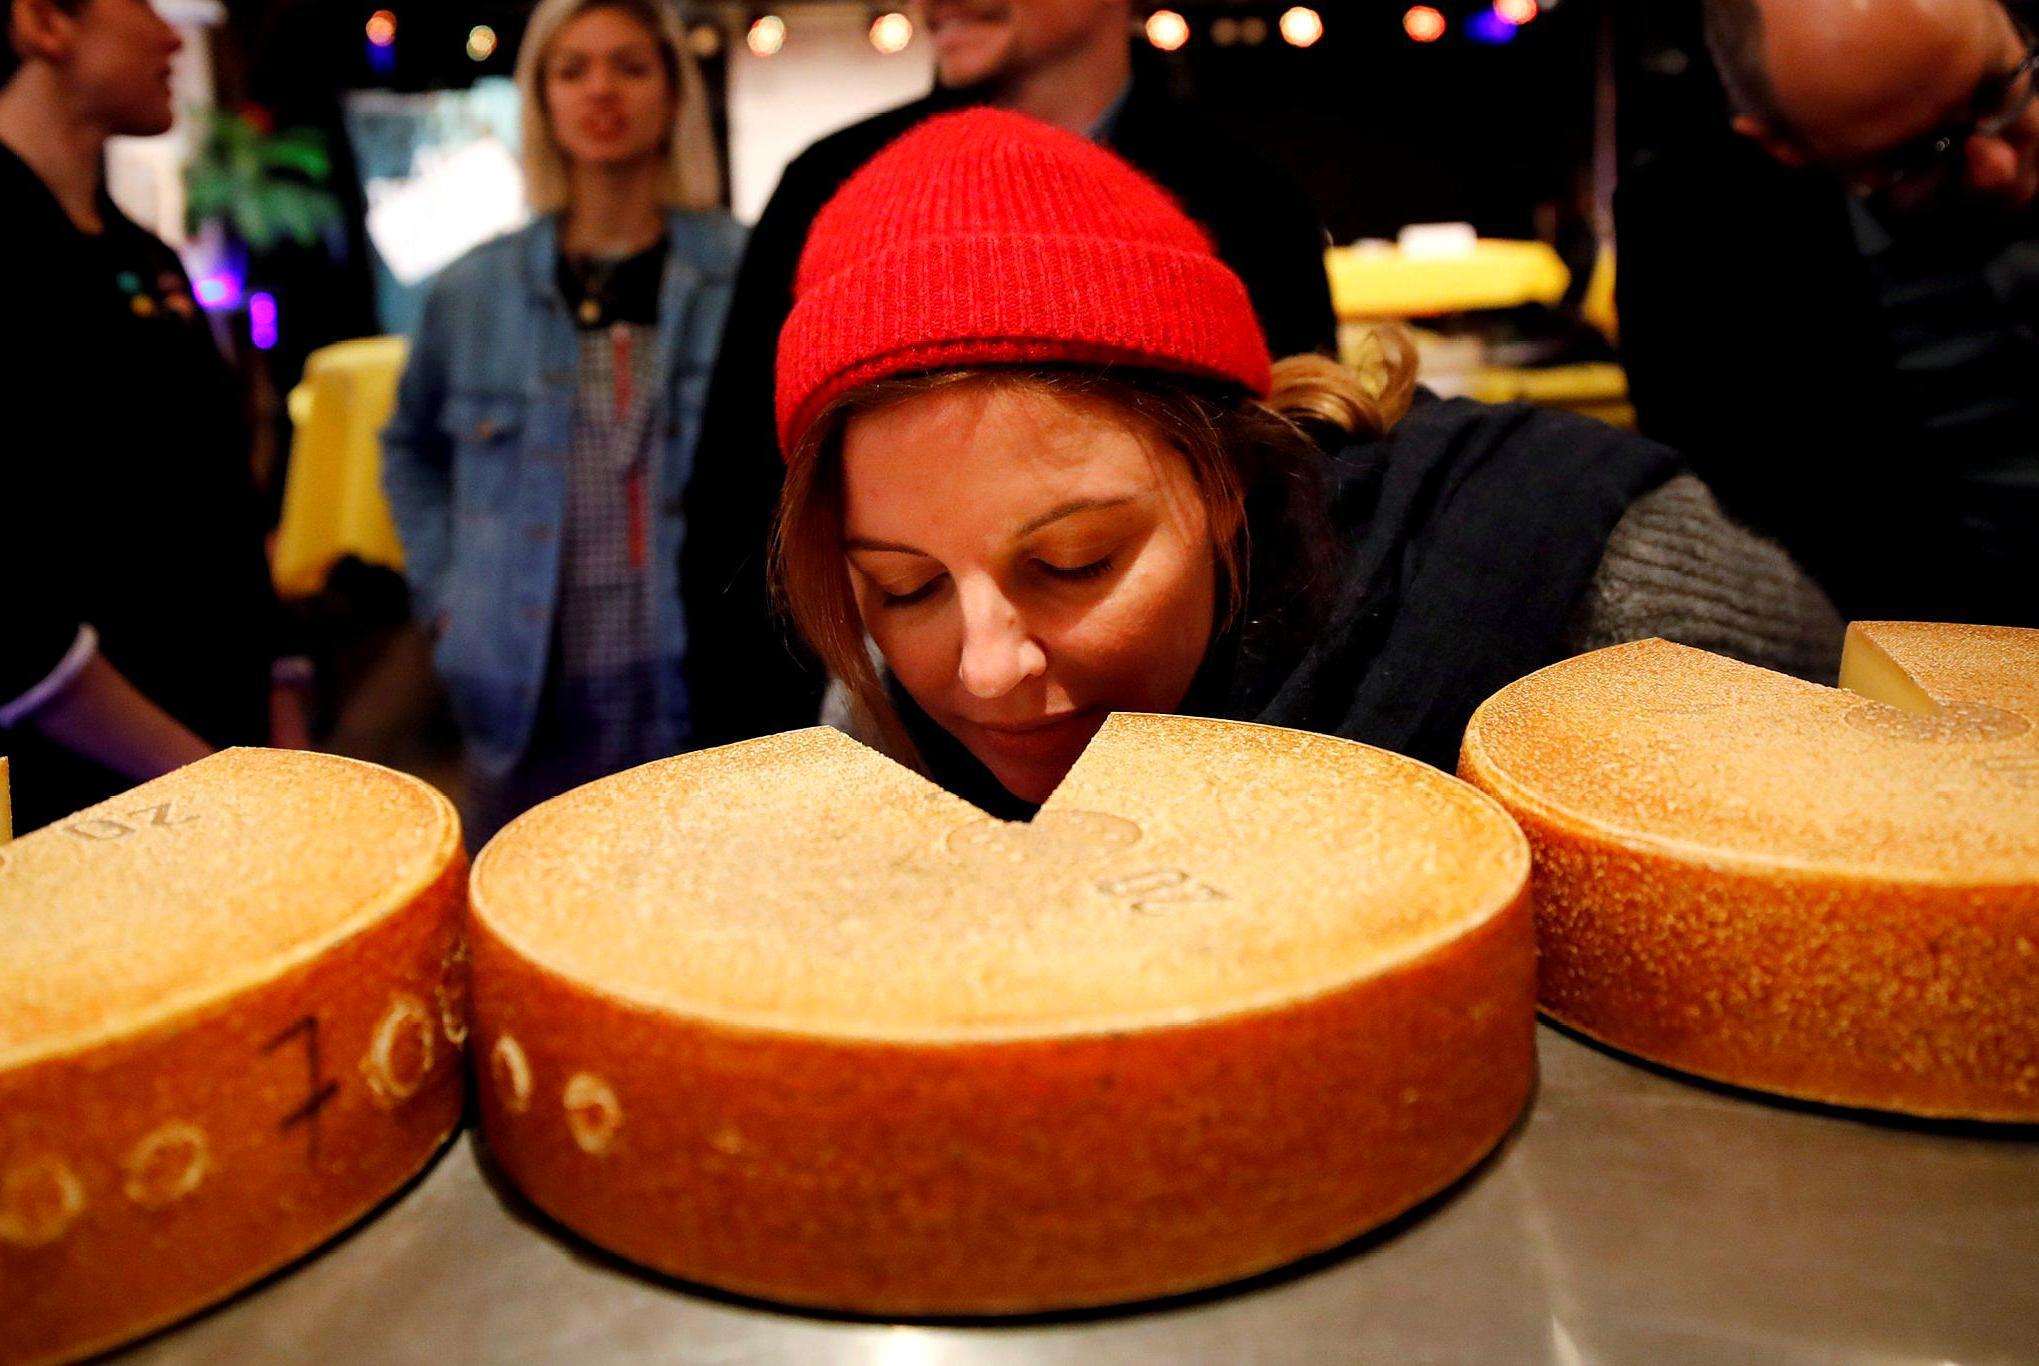 音乐还能影响奶酪的味道?瑞士科学家发现,嘻哈音乐让奶酪更美味